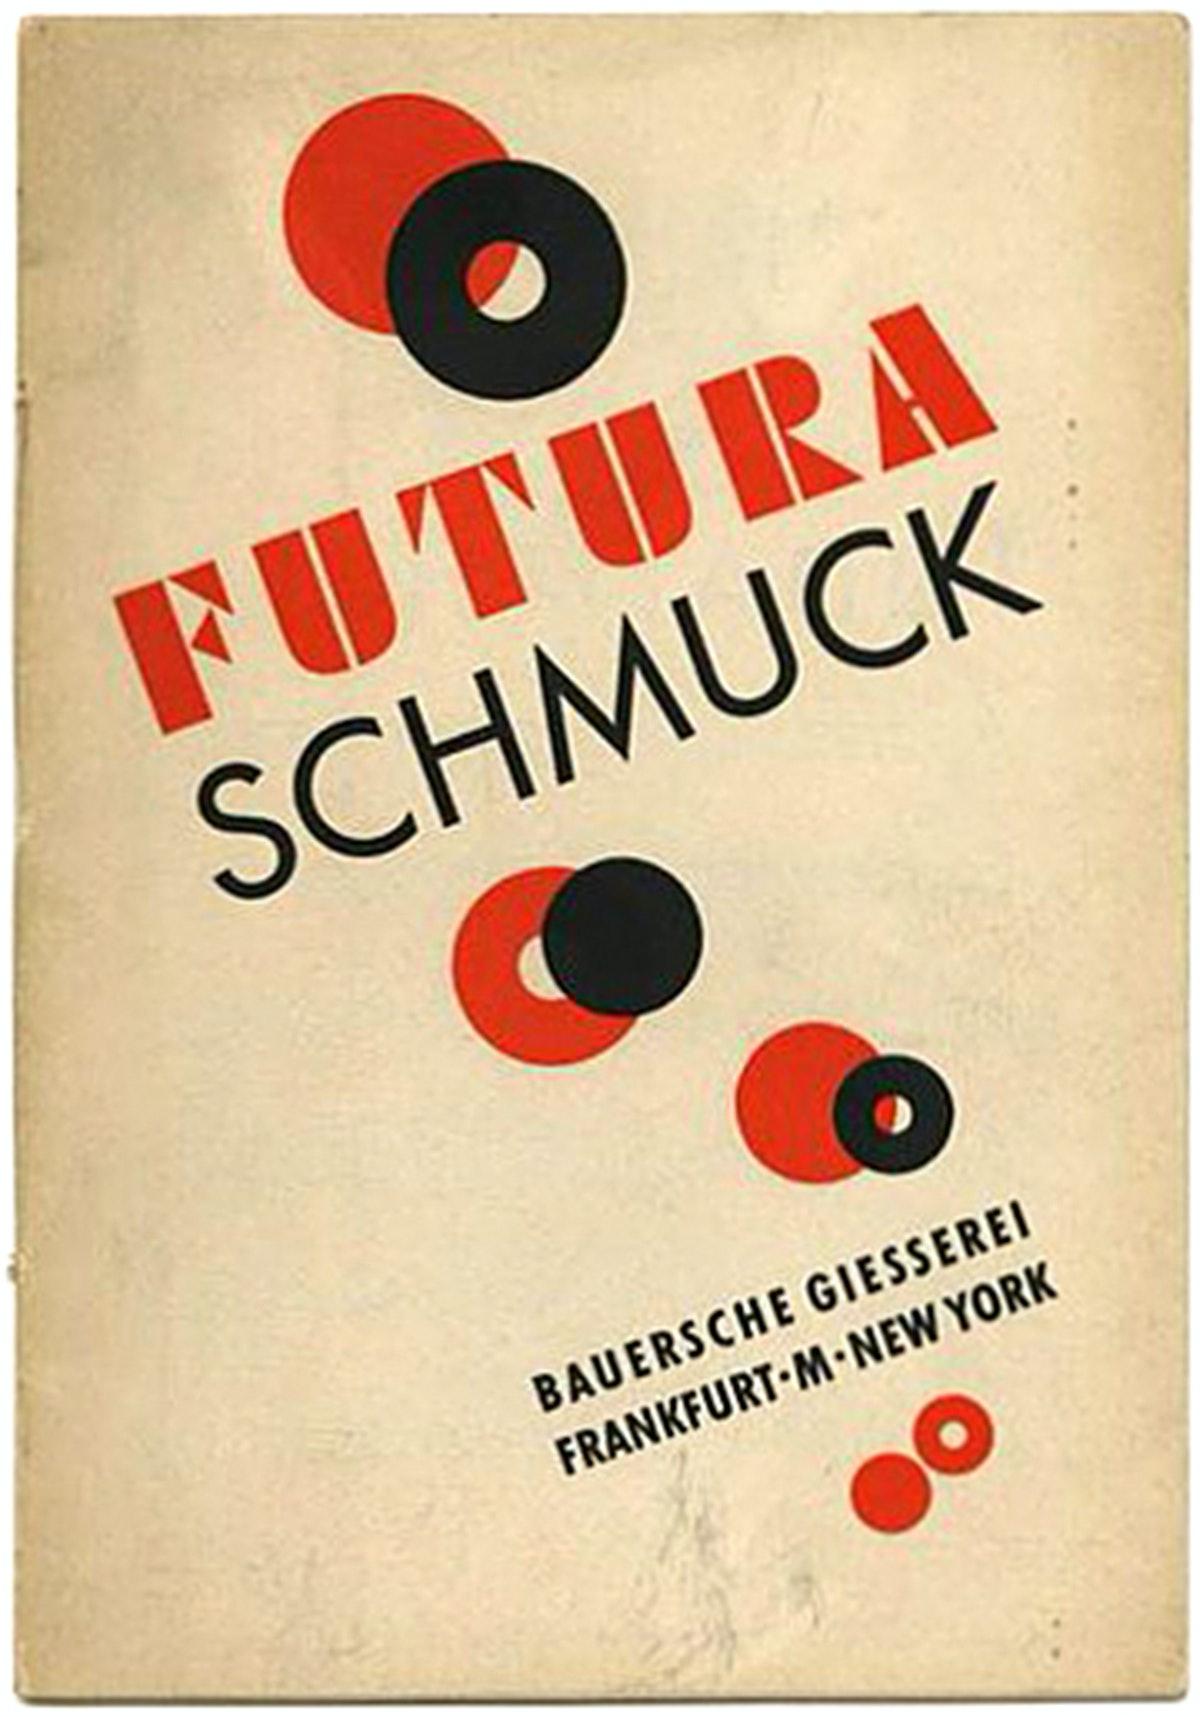 Futura Schmuck